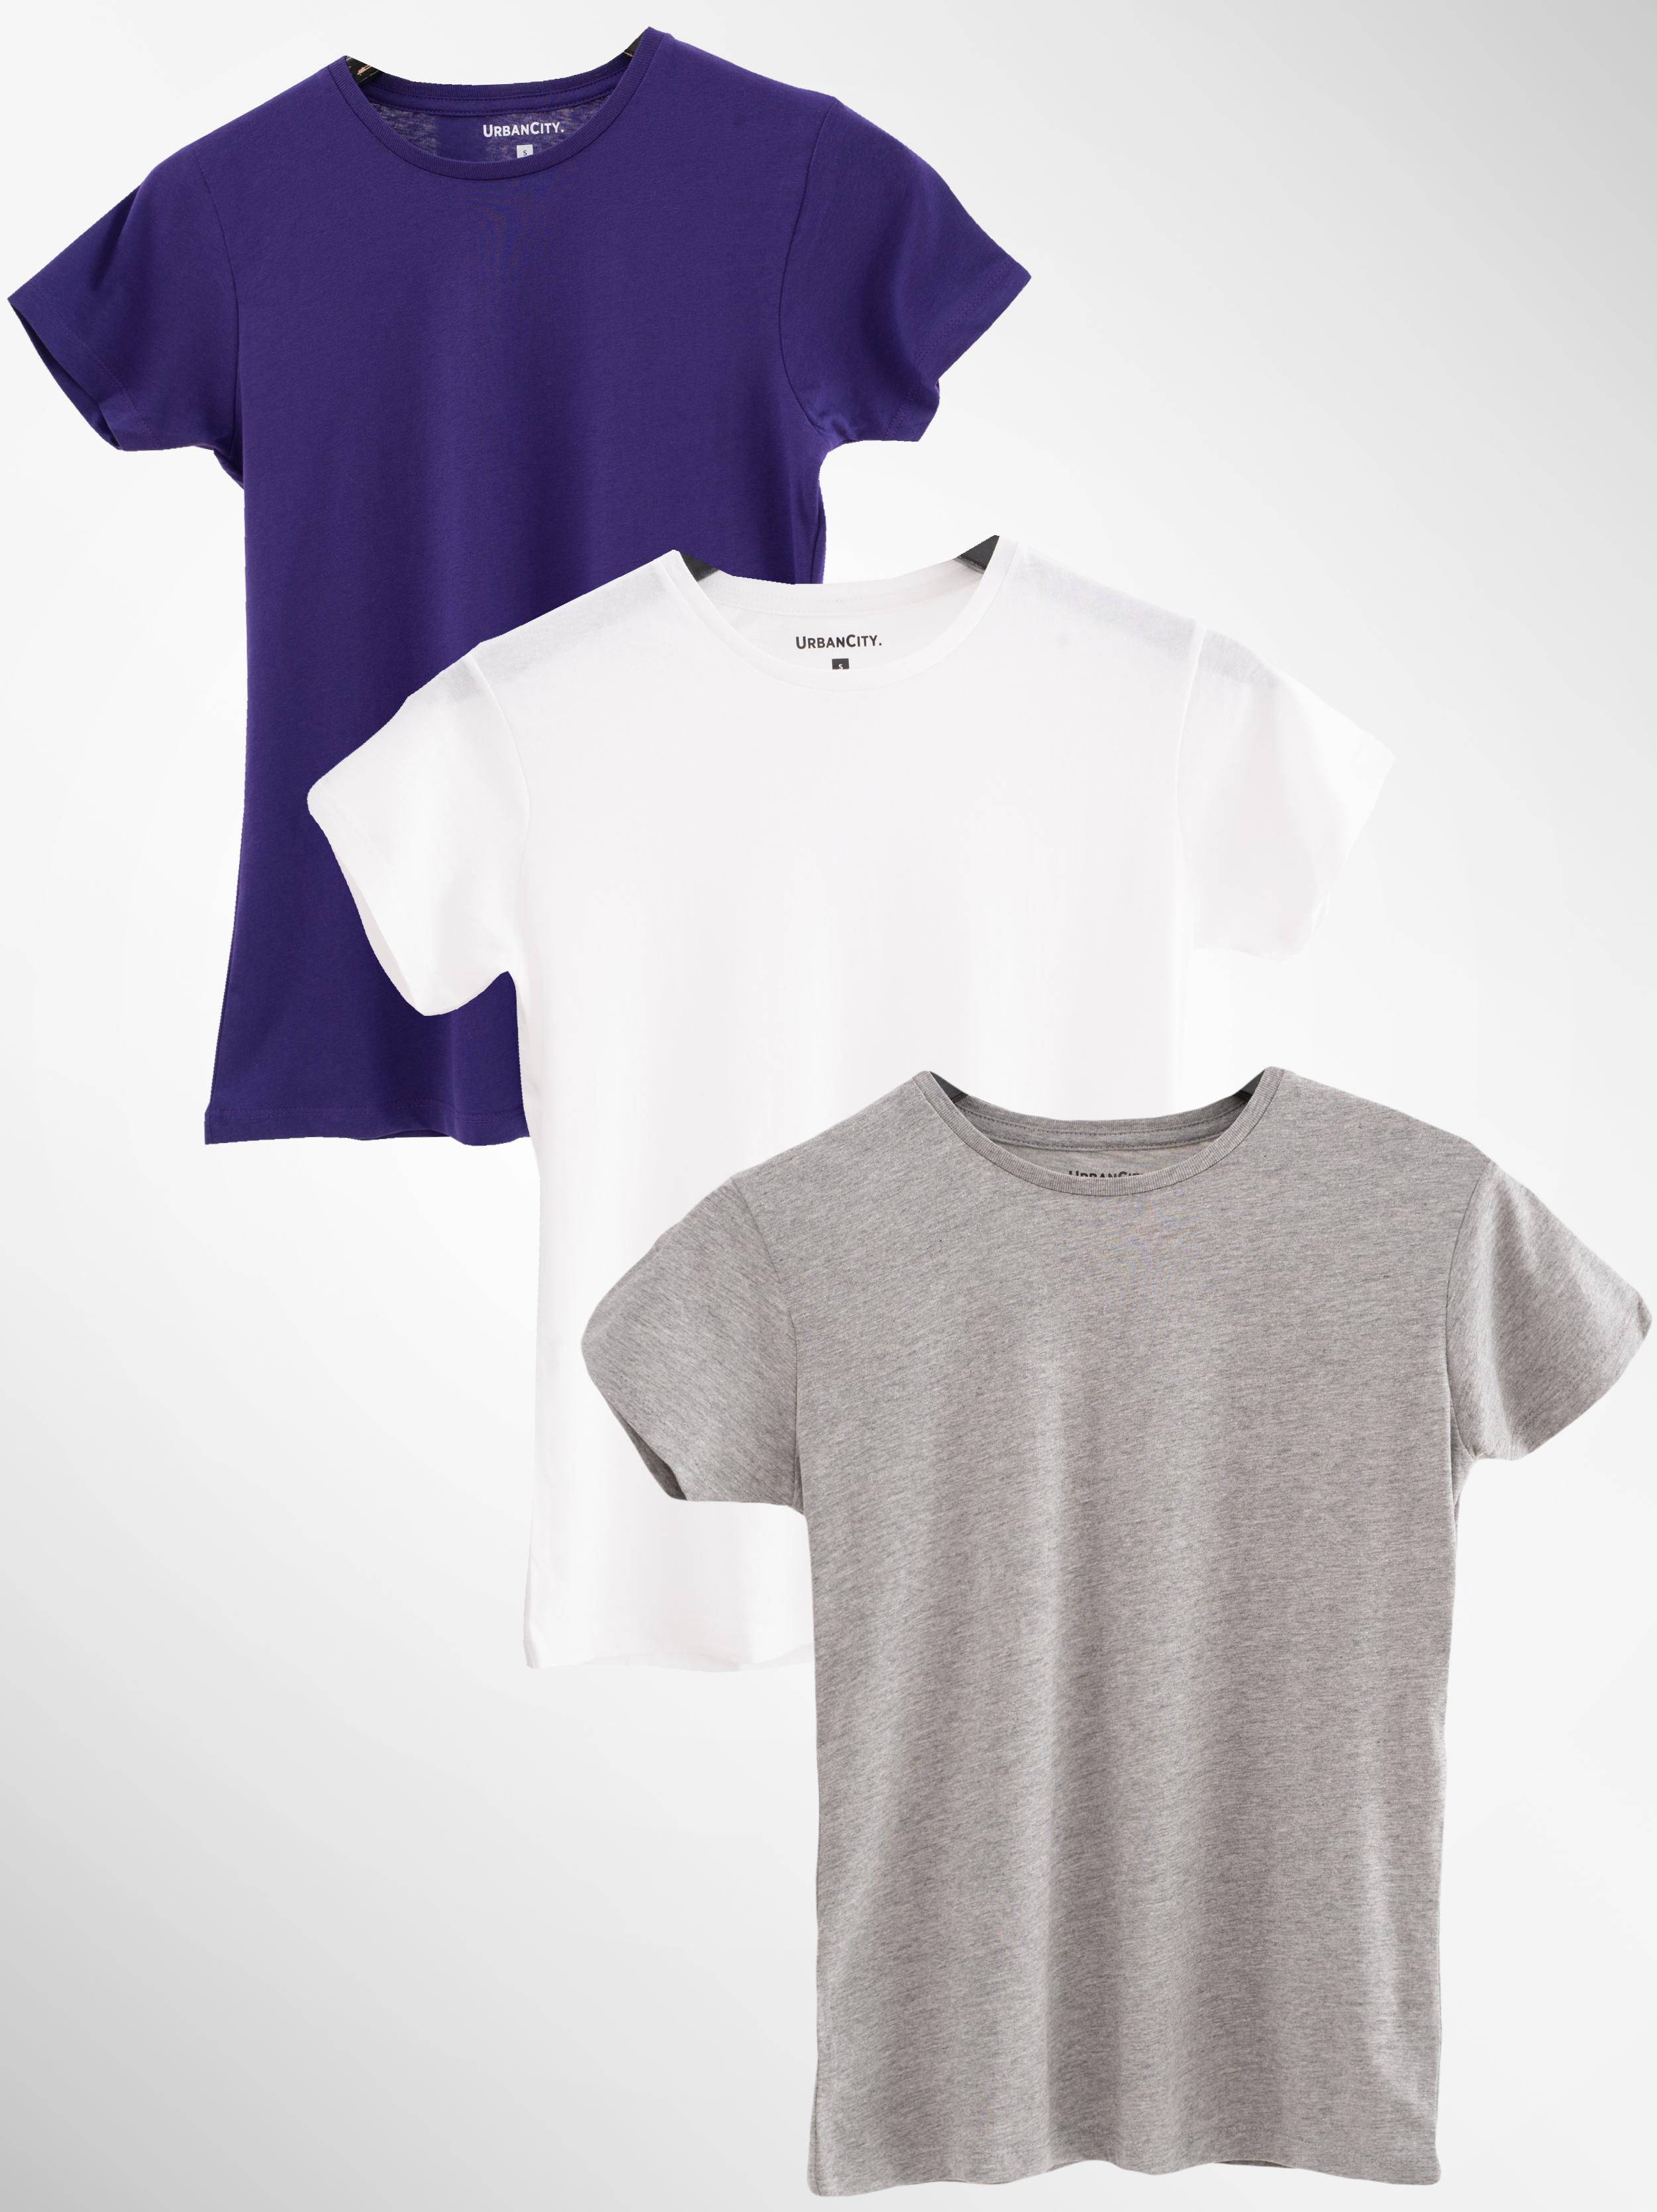 Zestaw 3 Damskich T-Shirtów Urban City No Logo Basic Fioletowy / Szary / Biały